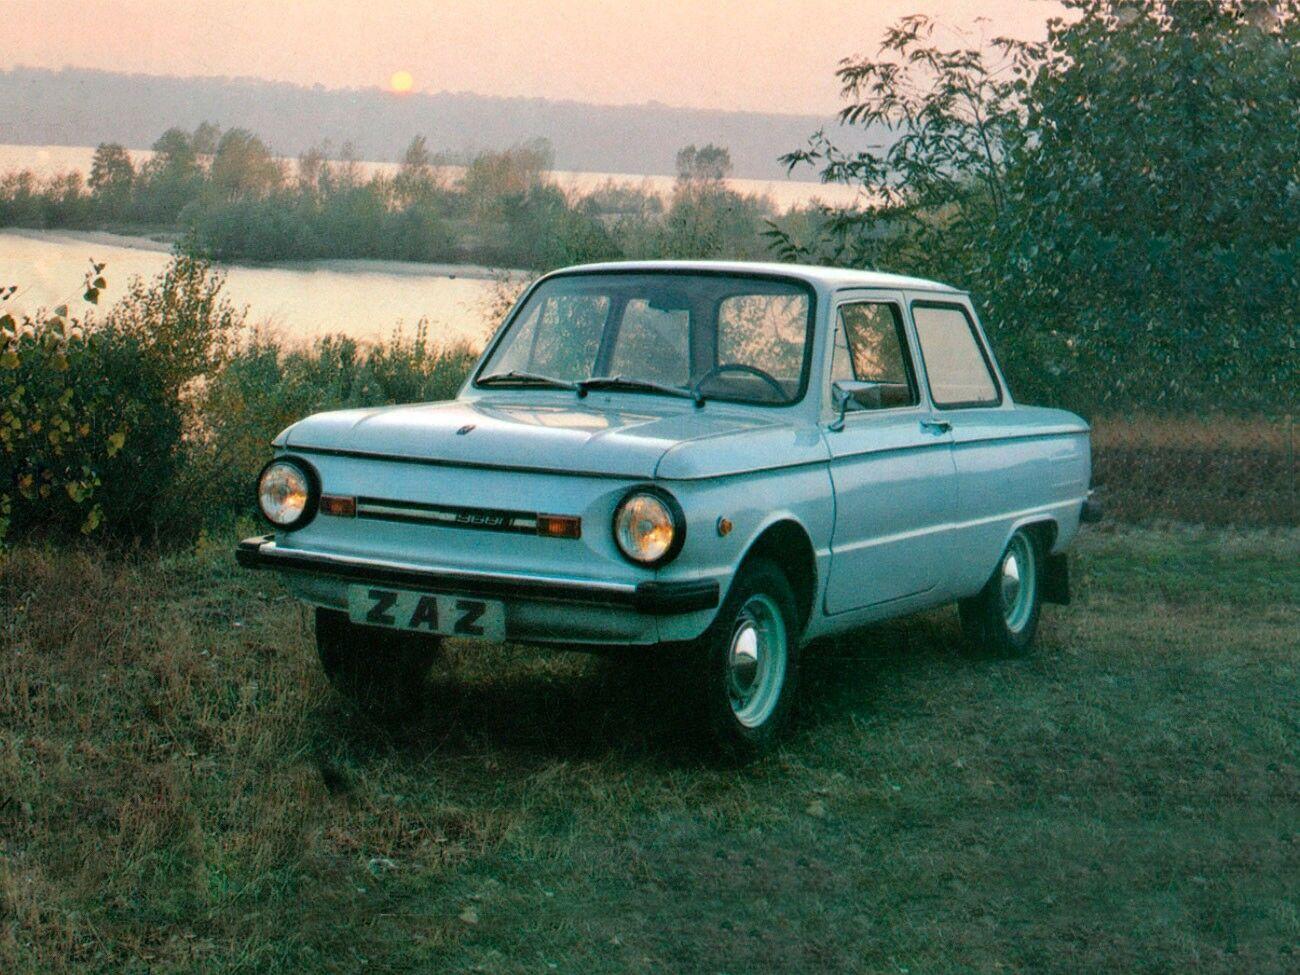 В необычной машине уже невозможно узнать оригинальный ЗАЗ-968.